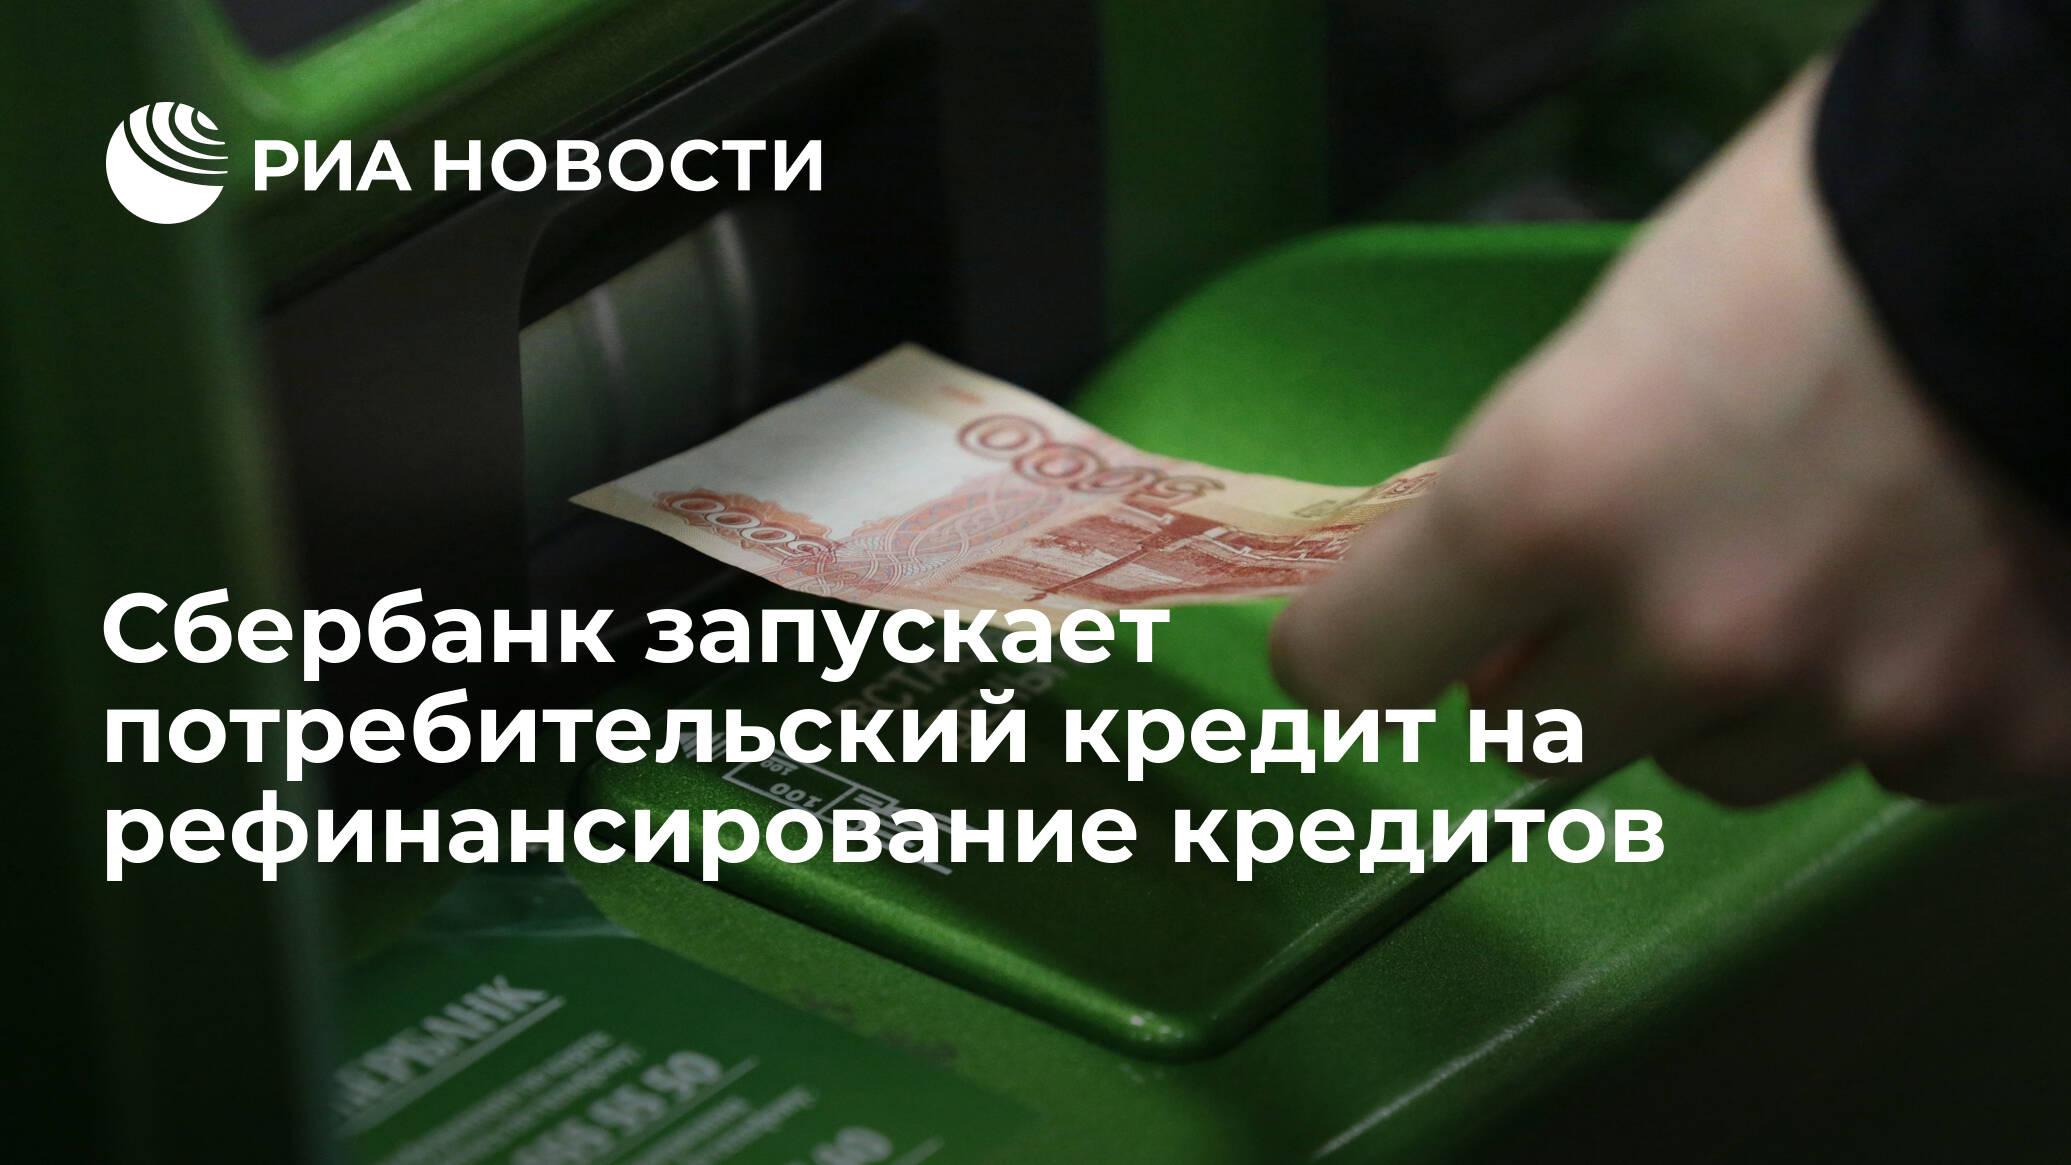 Подать заявку в совкомбанк на потребительский кредит онлайн